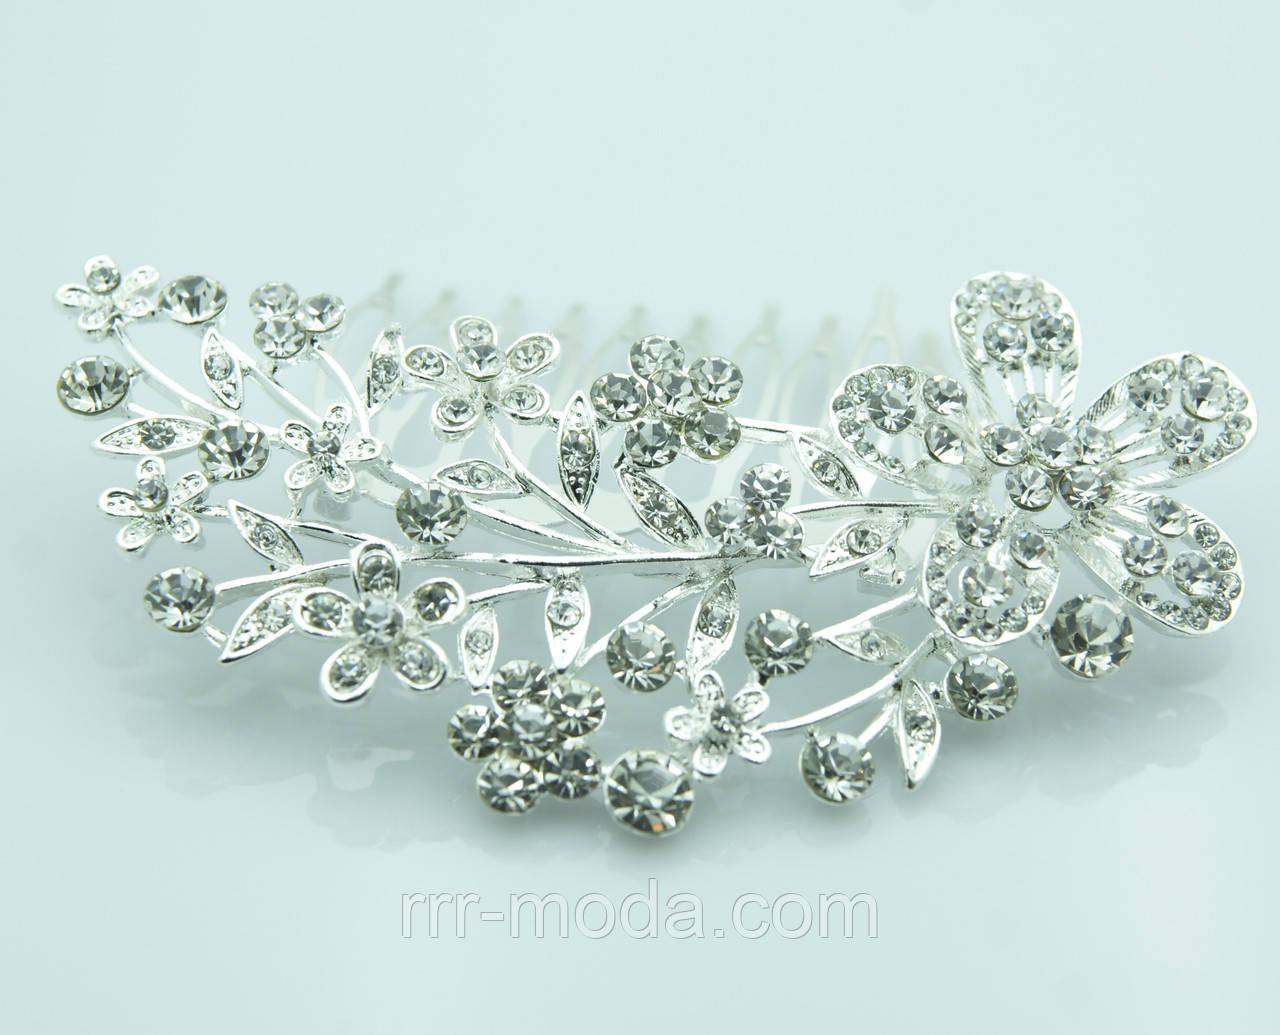 Свадебный аксессуар -гребень для невест оптом. Свадебные украшения оптом RRR недорого. 243